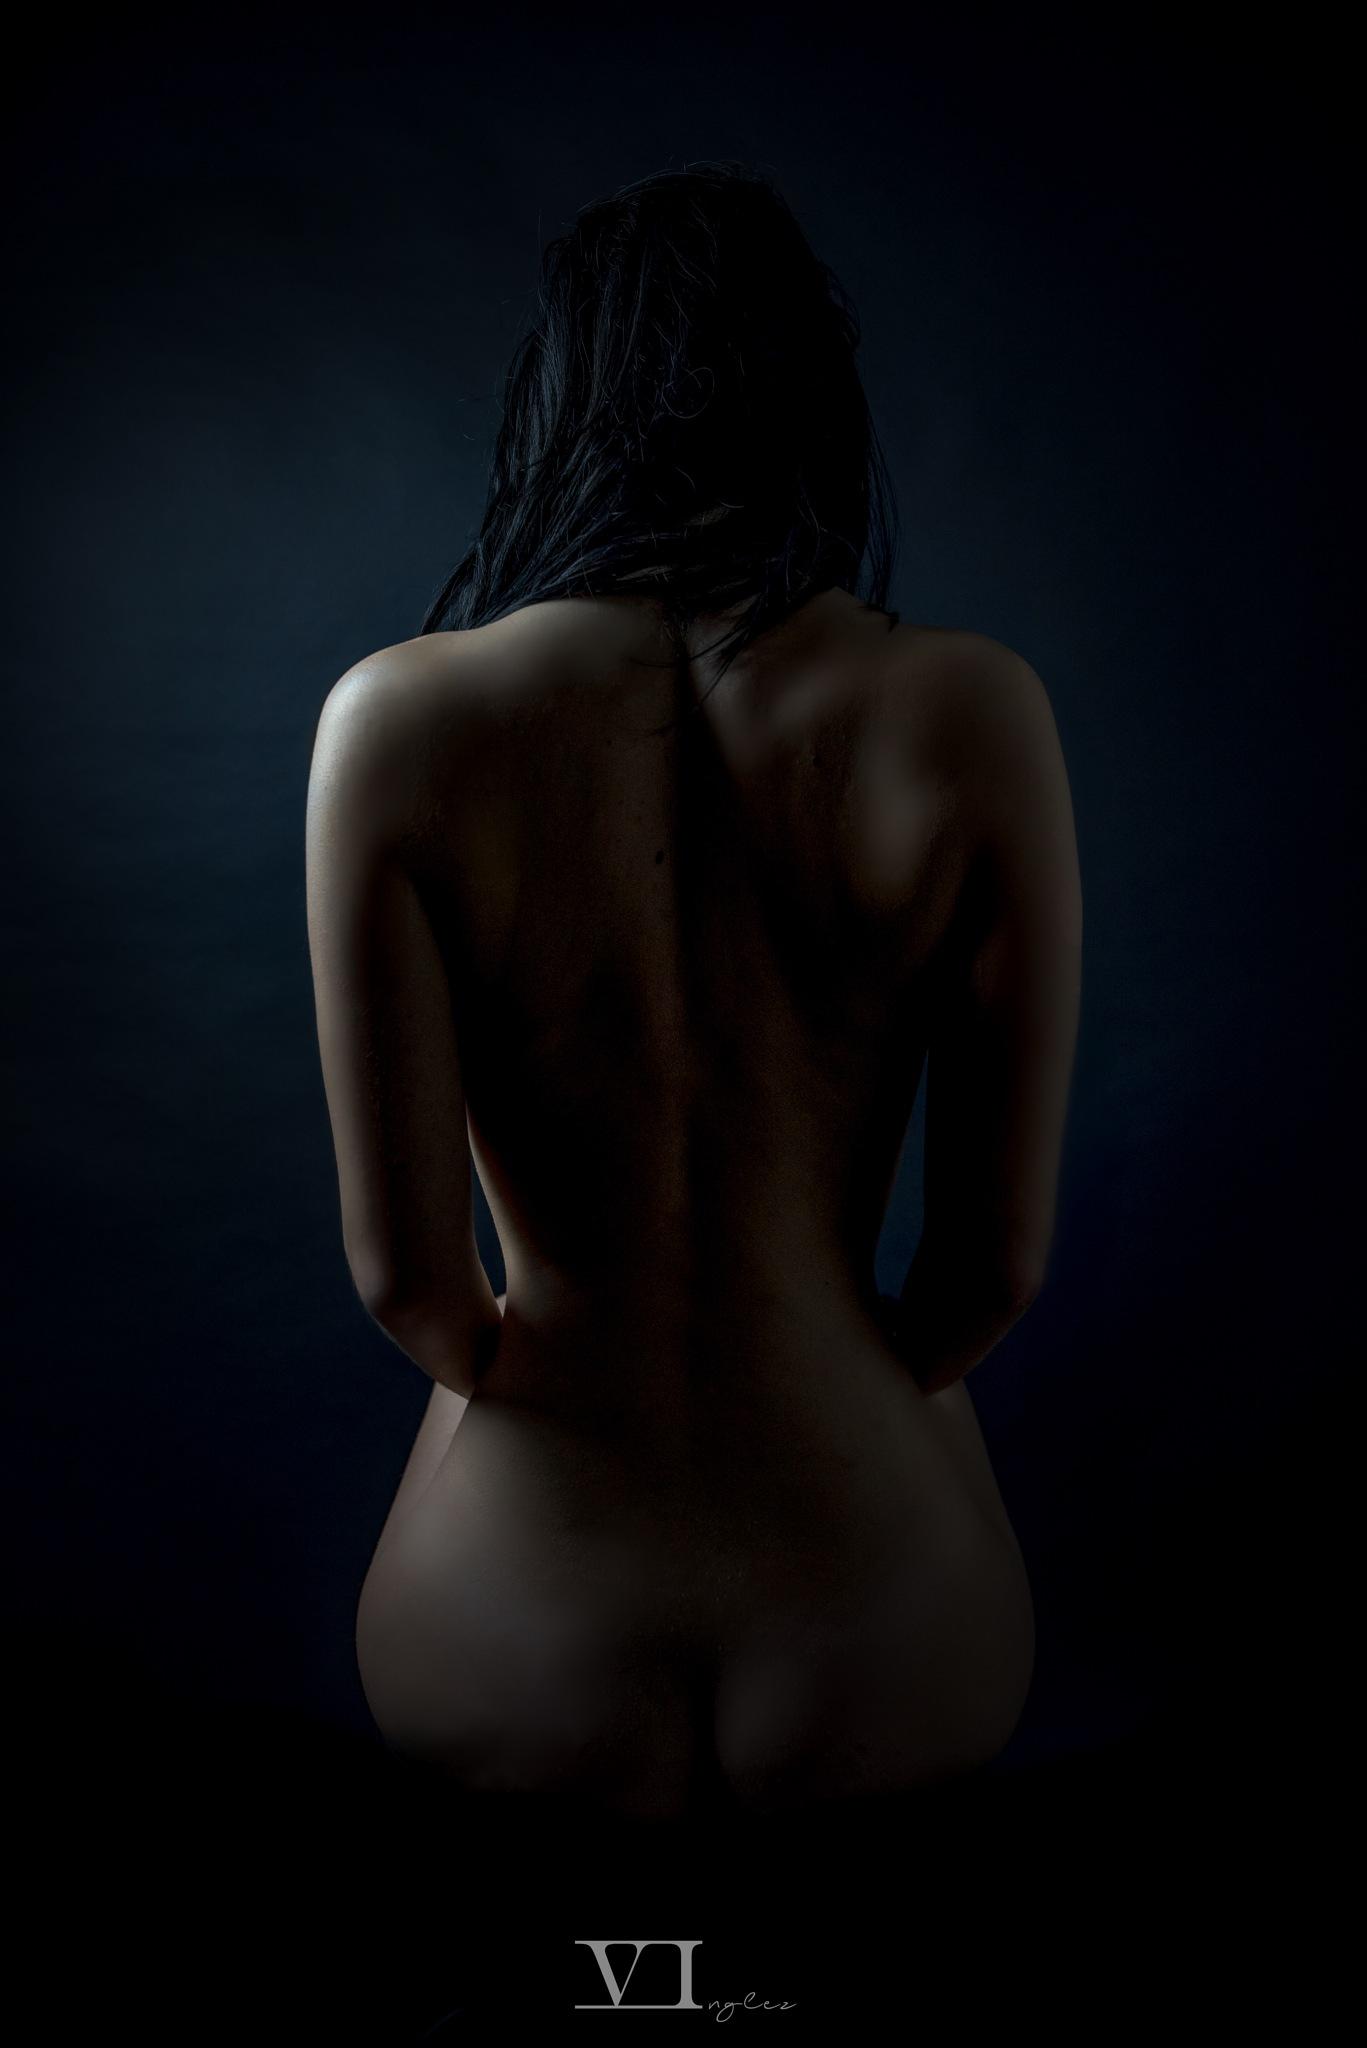 Side light of me by Vasco Inglez